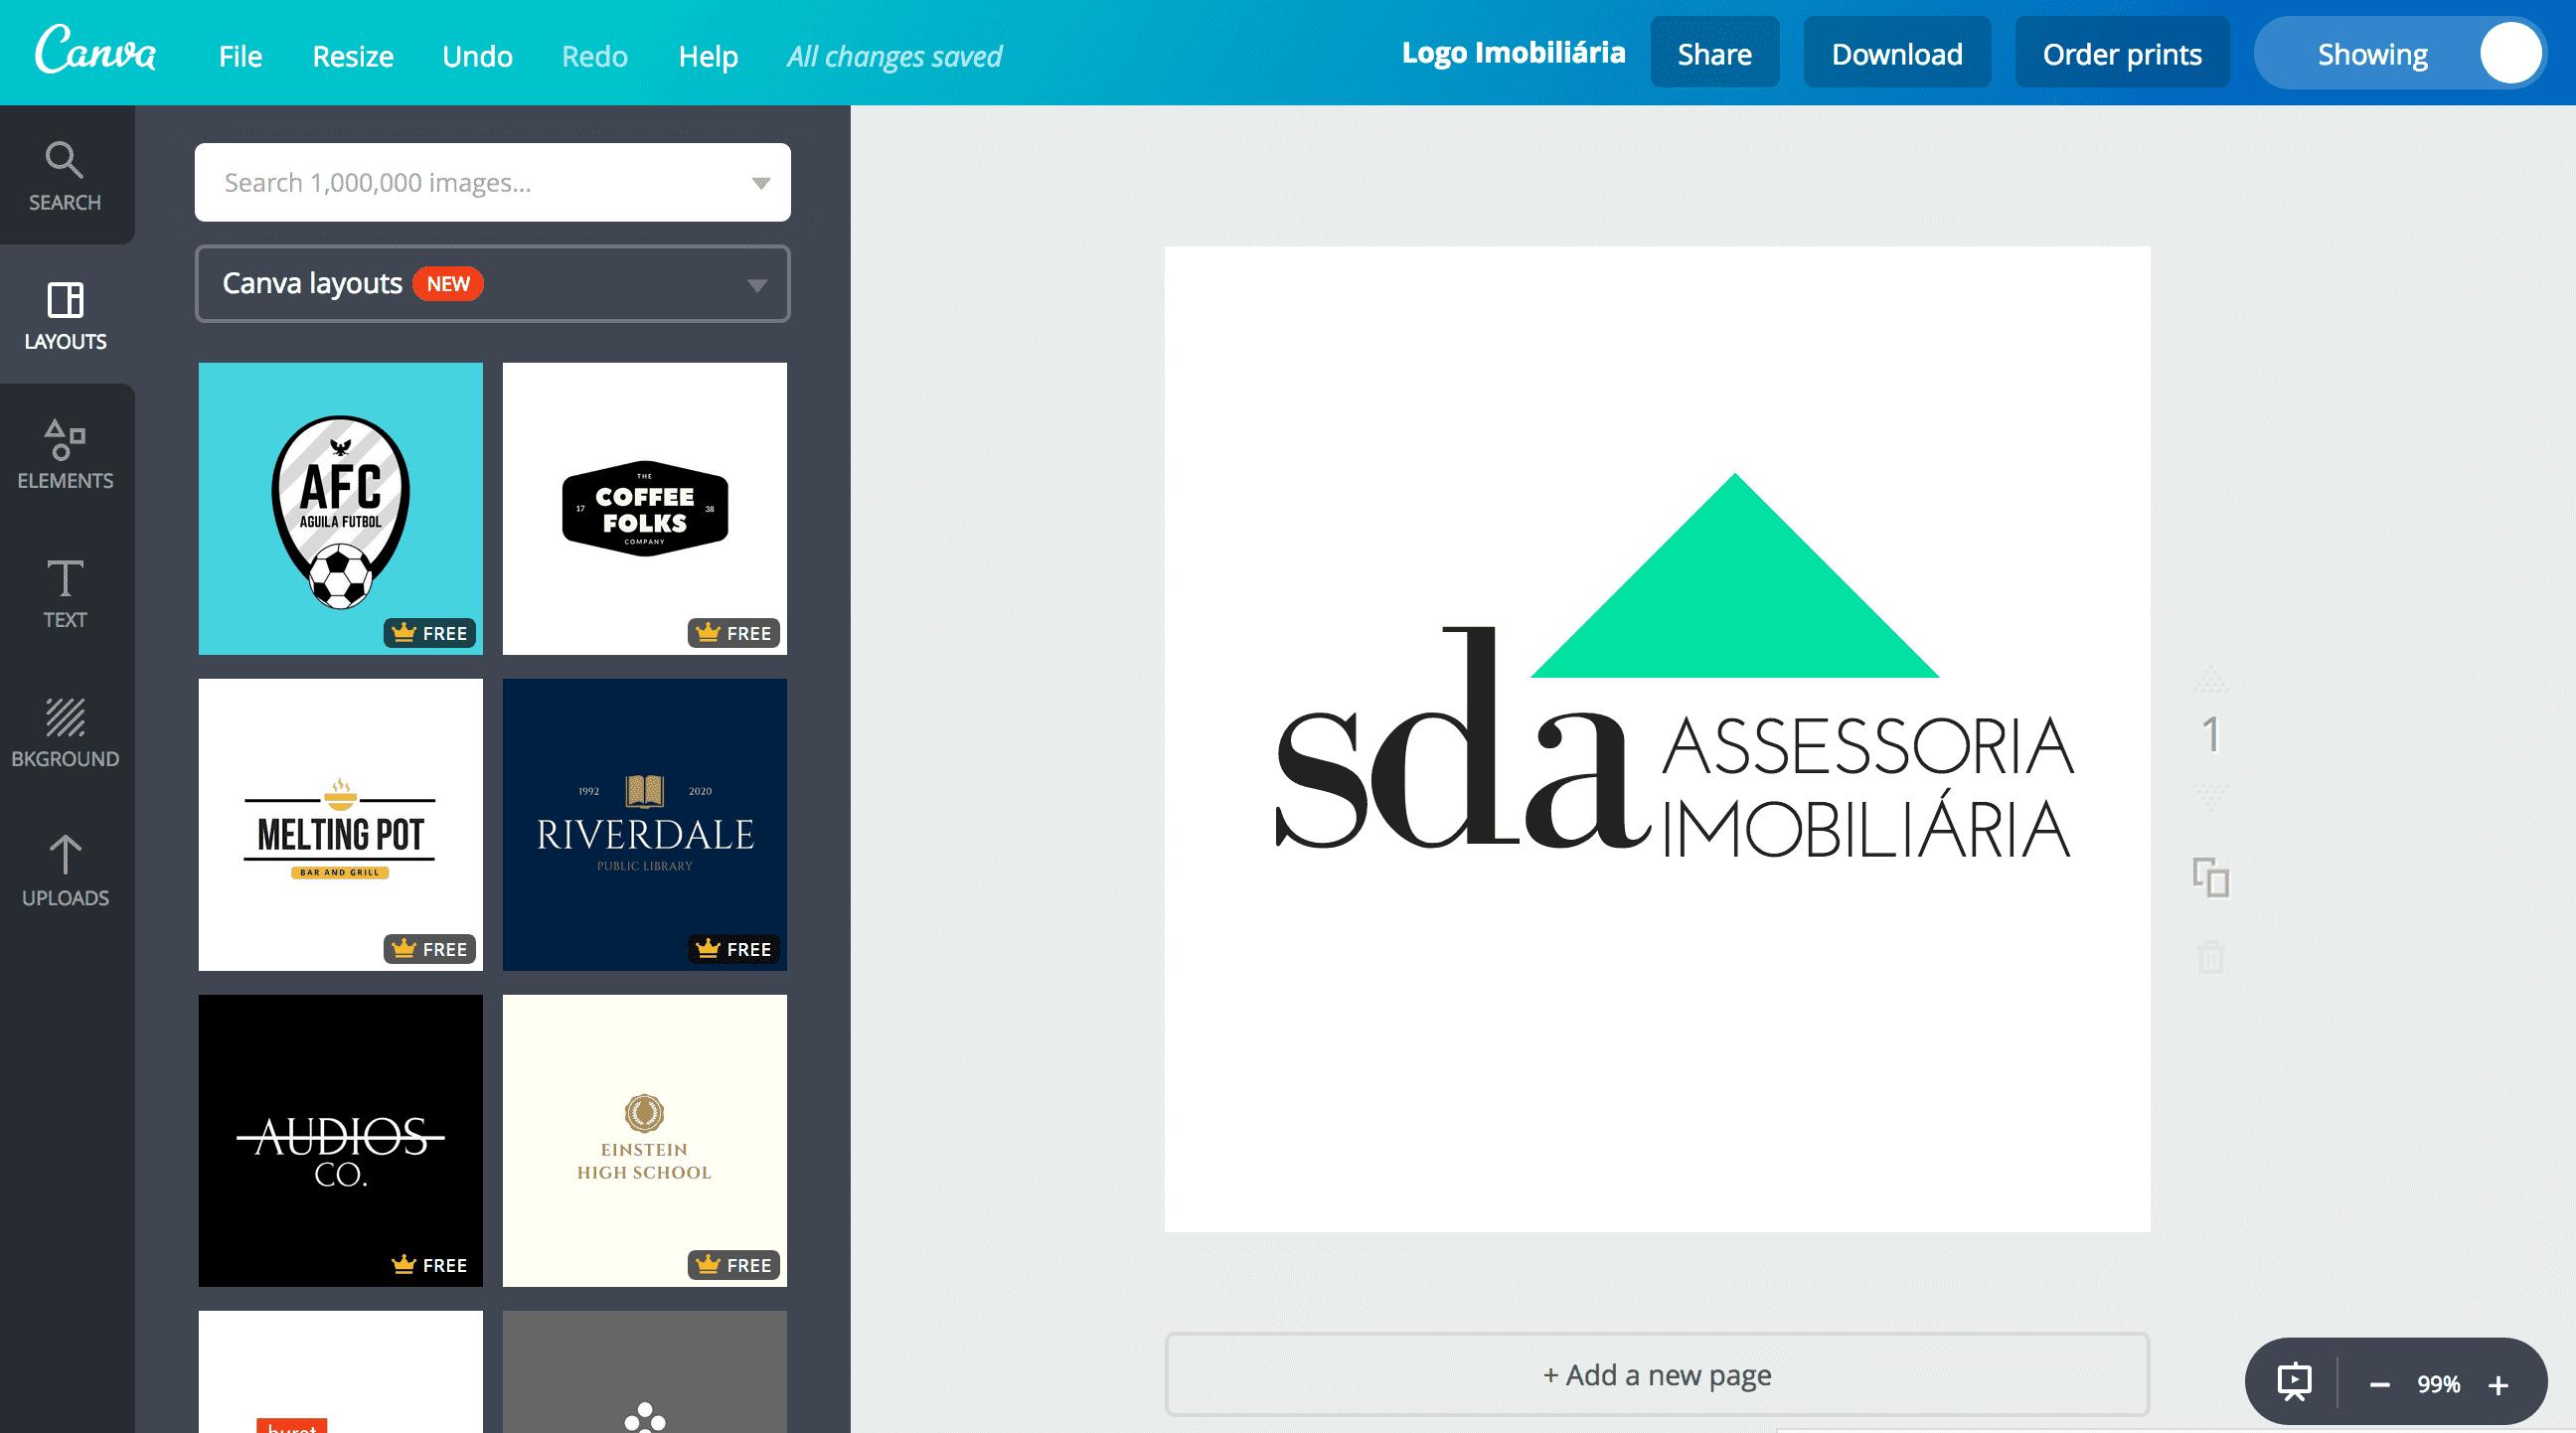 Logo de imobiliária